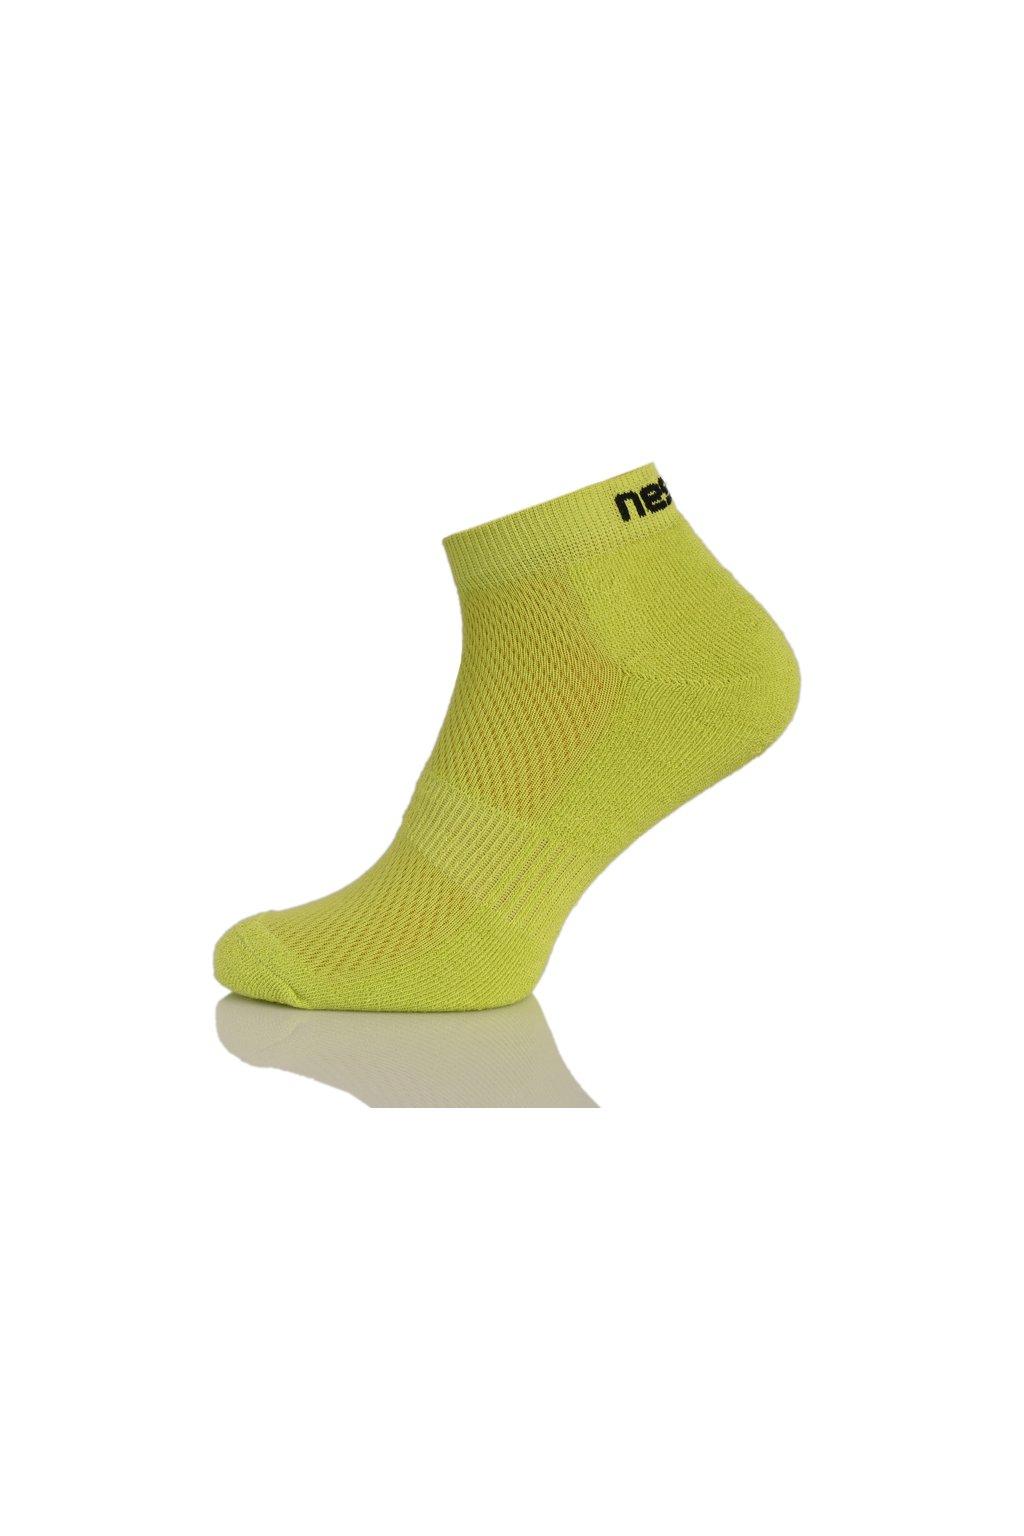 Bavlněné Termoaktivní kotnikové ponožky ST 16 1